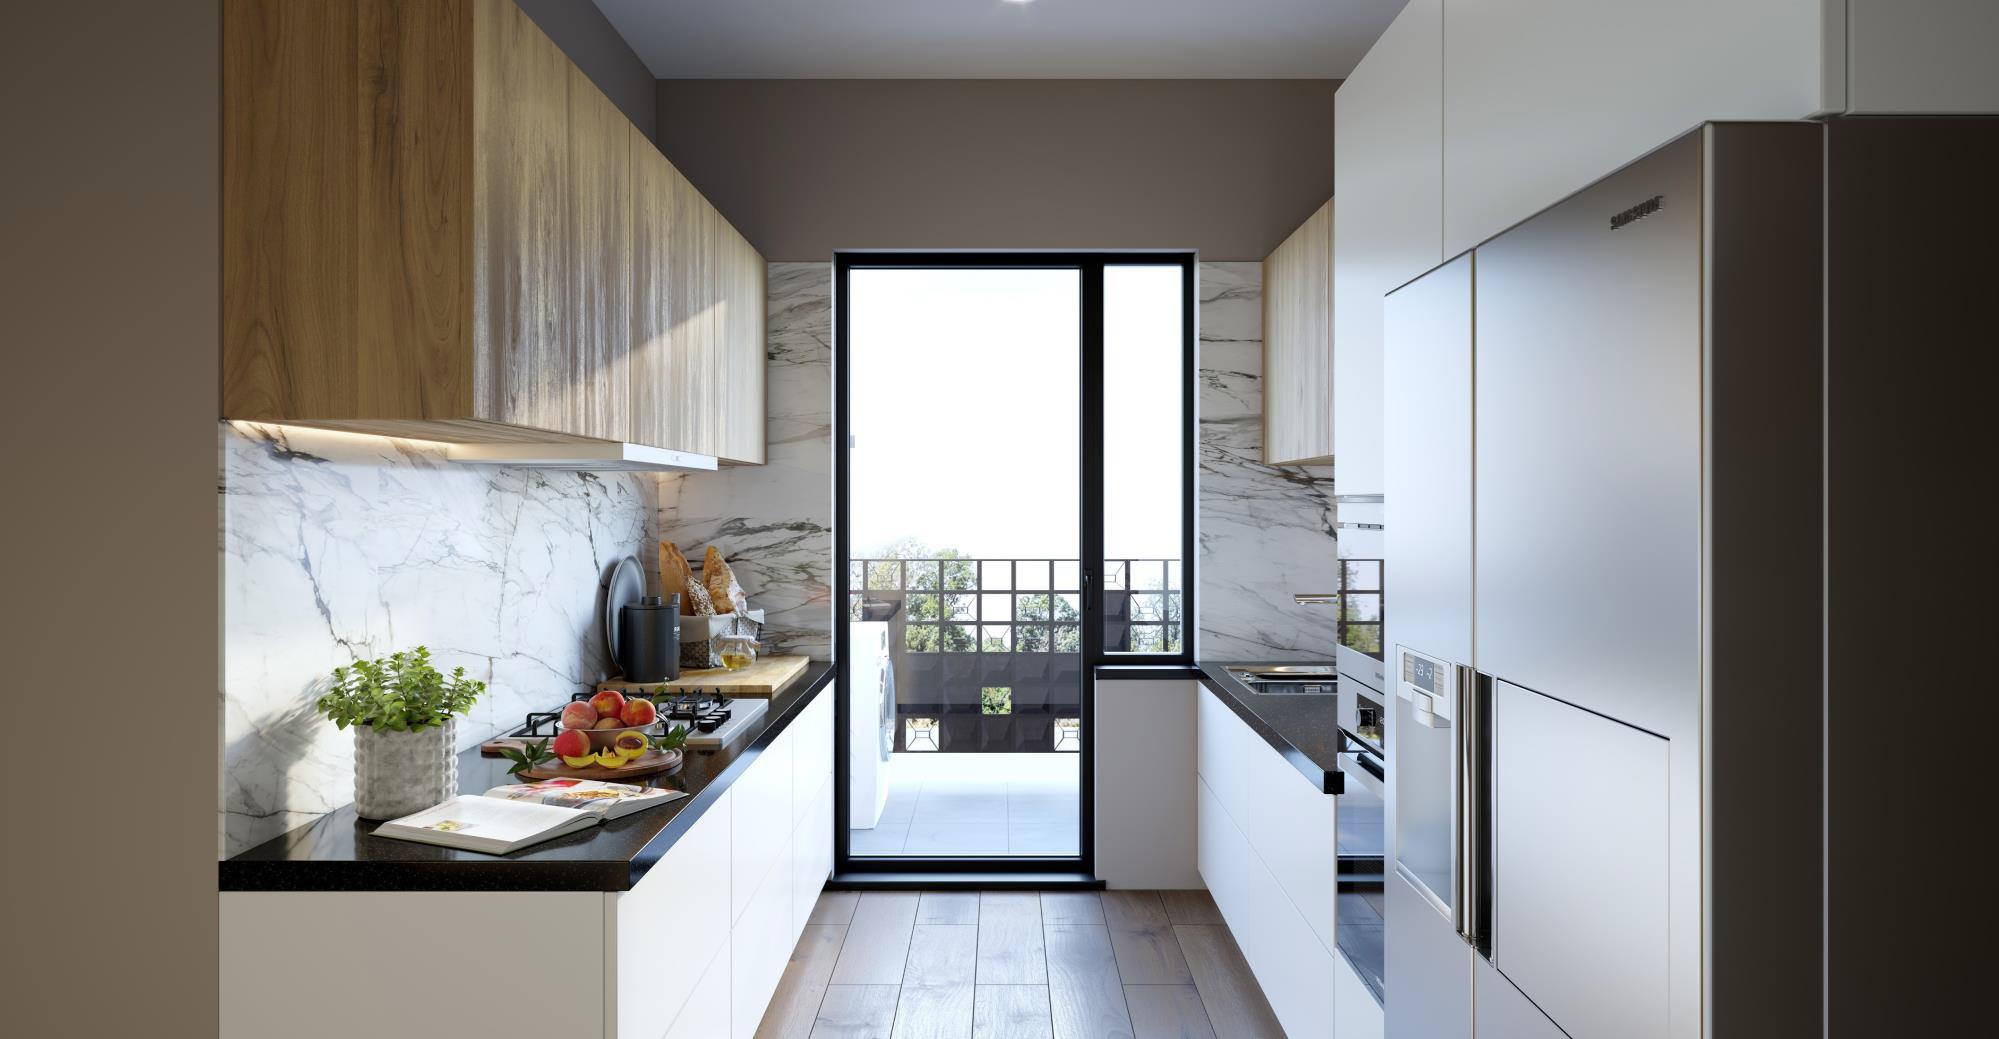 birla navya apartment interiors12